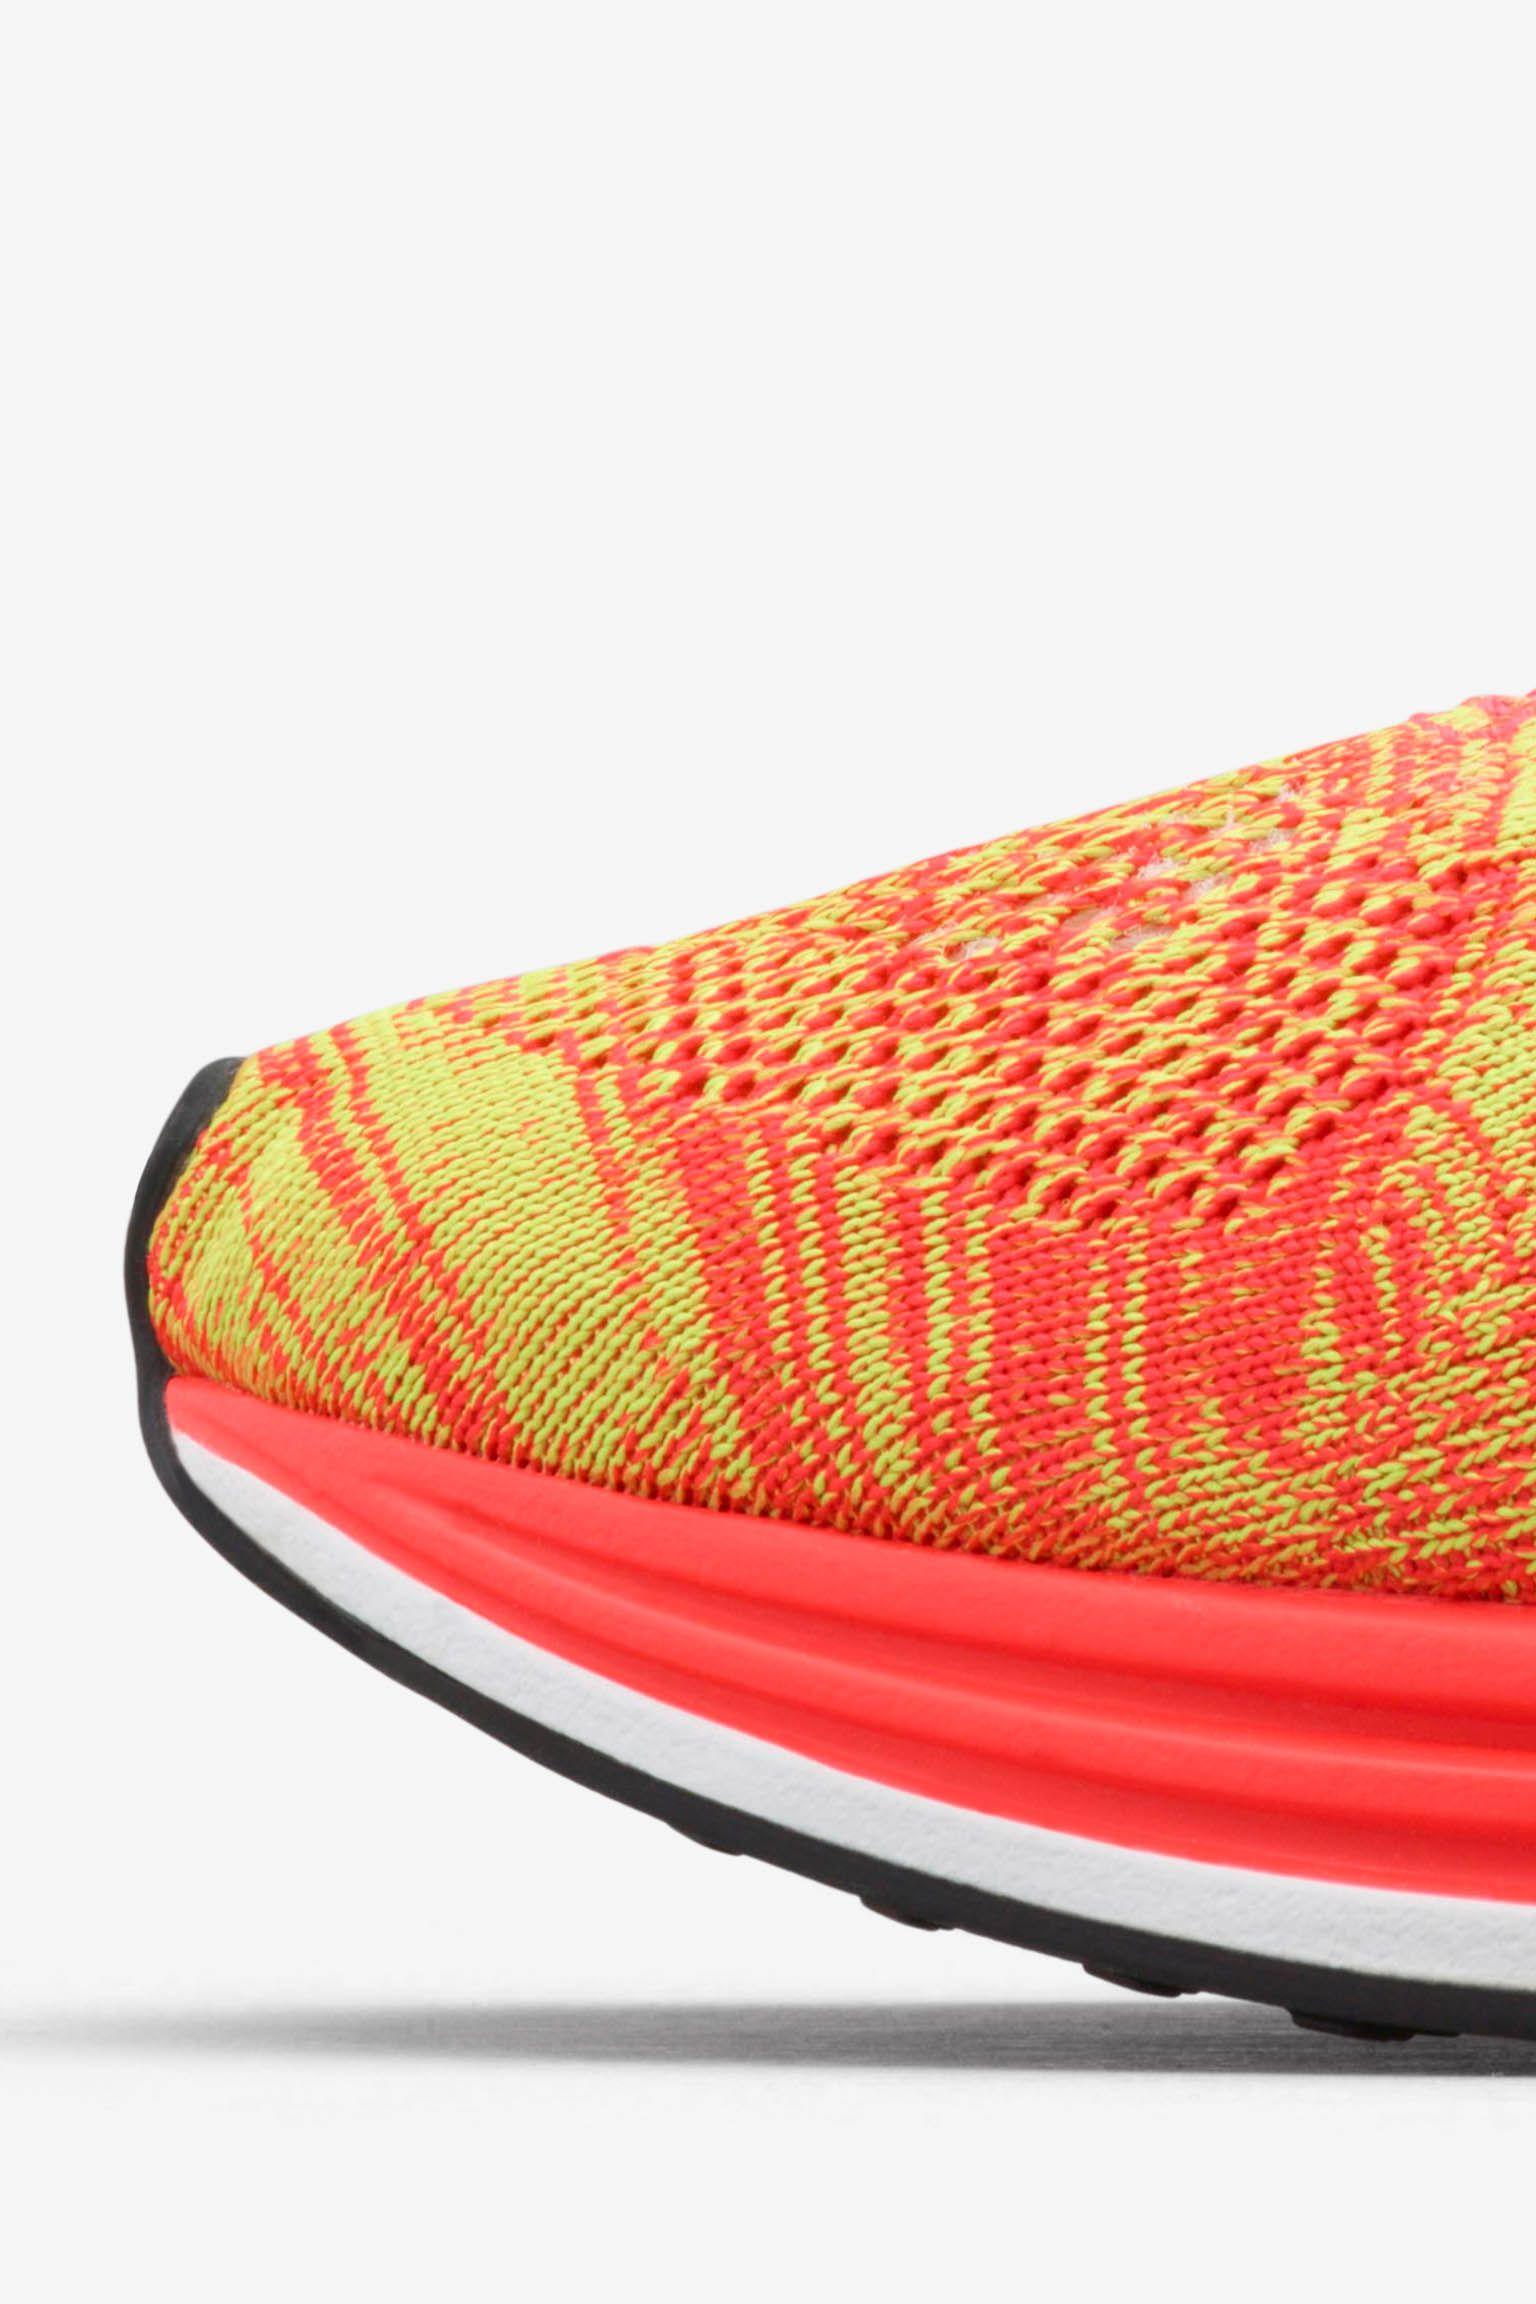 Nike Flyknit Racer 'Orange Slice' Release Date